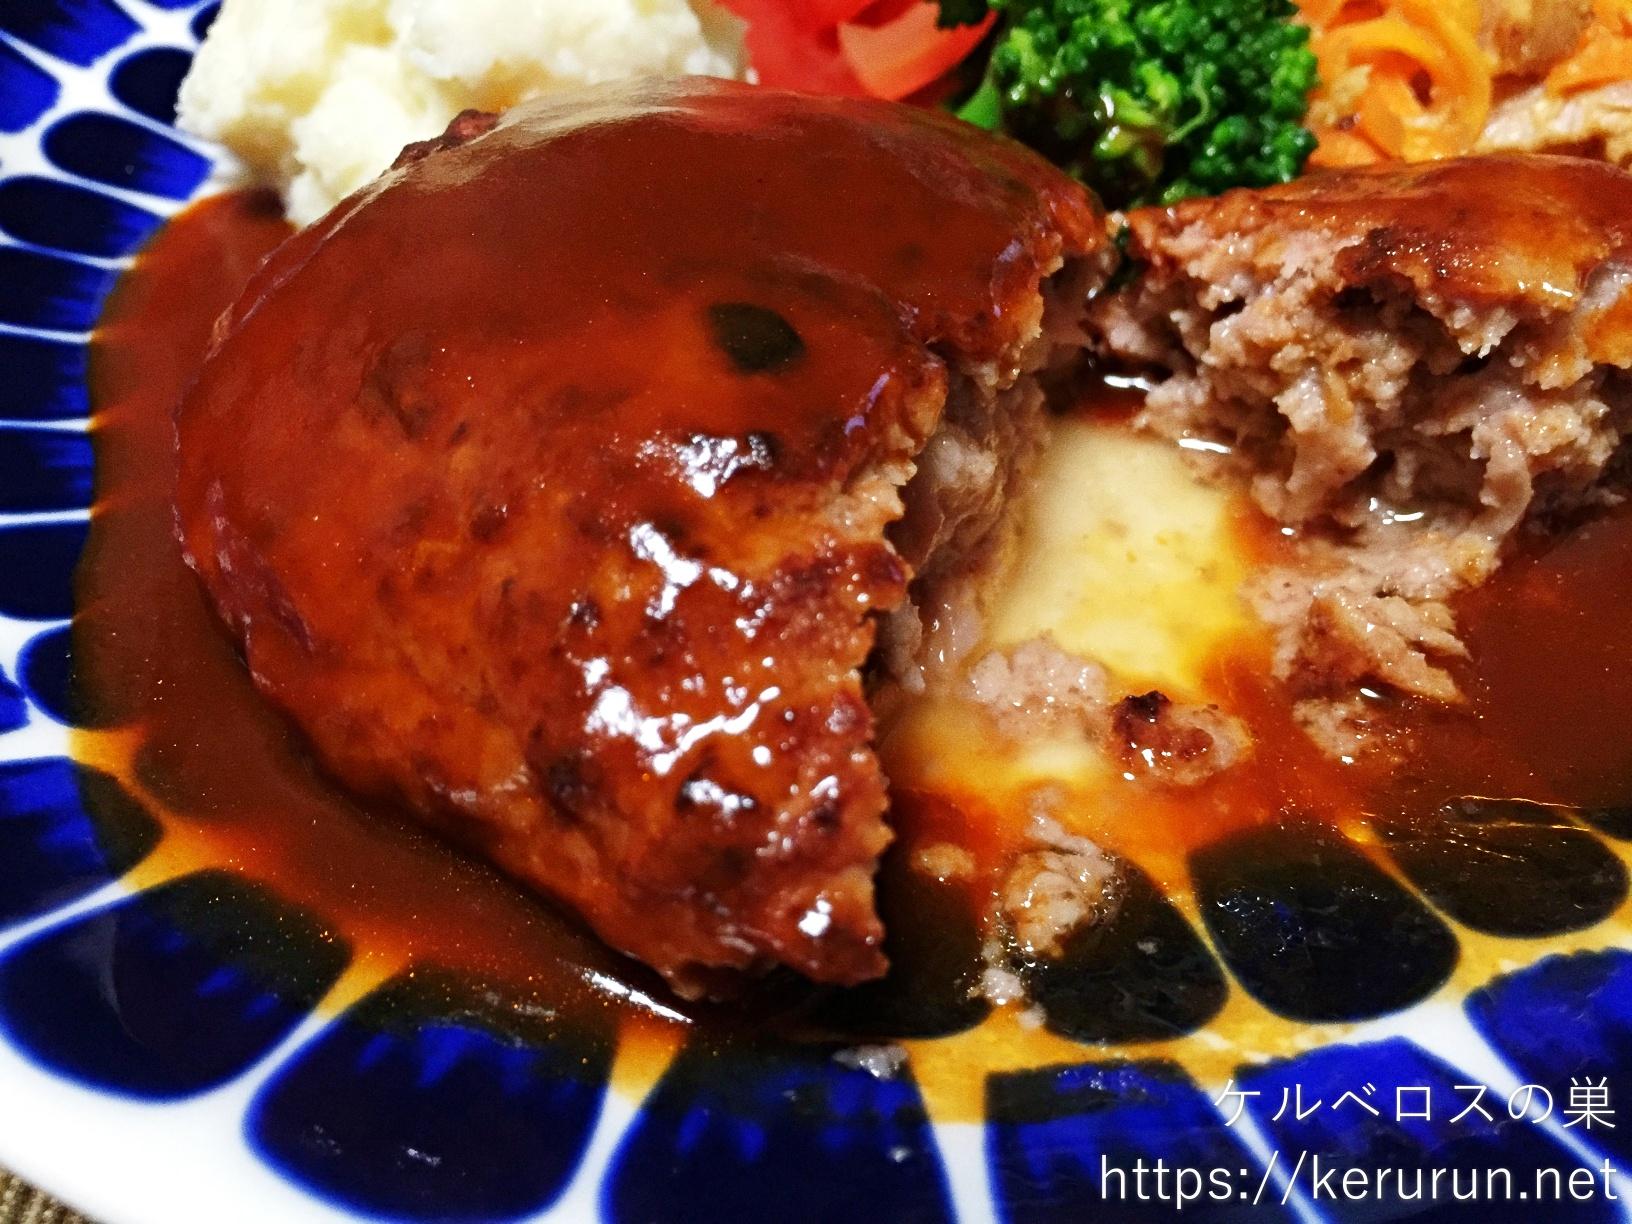 クイーンズ伊勢丹「粗挽き食感が楽しめるハンバーグステーキ」で晩ごはん